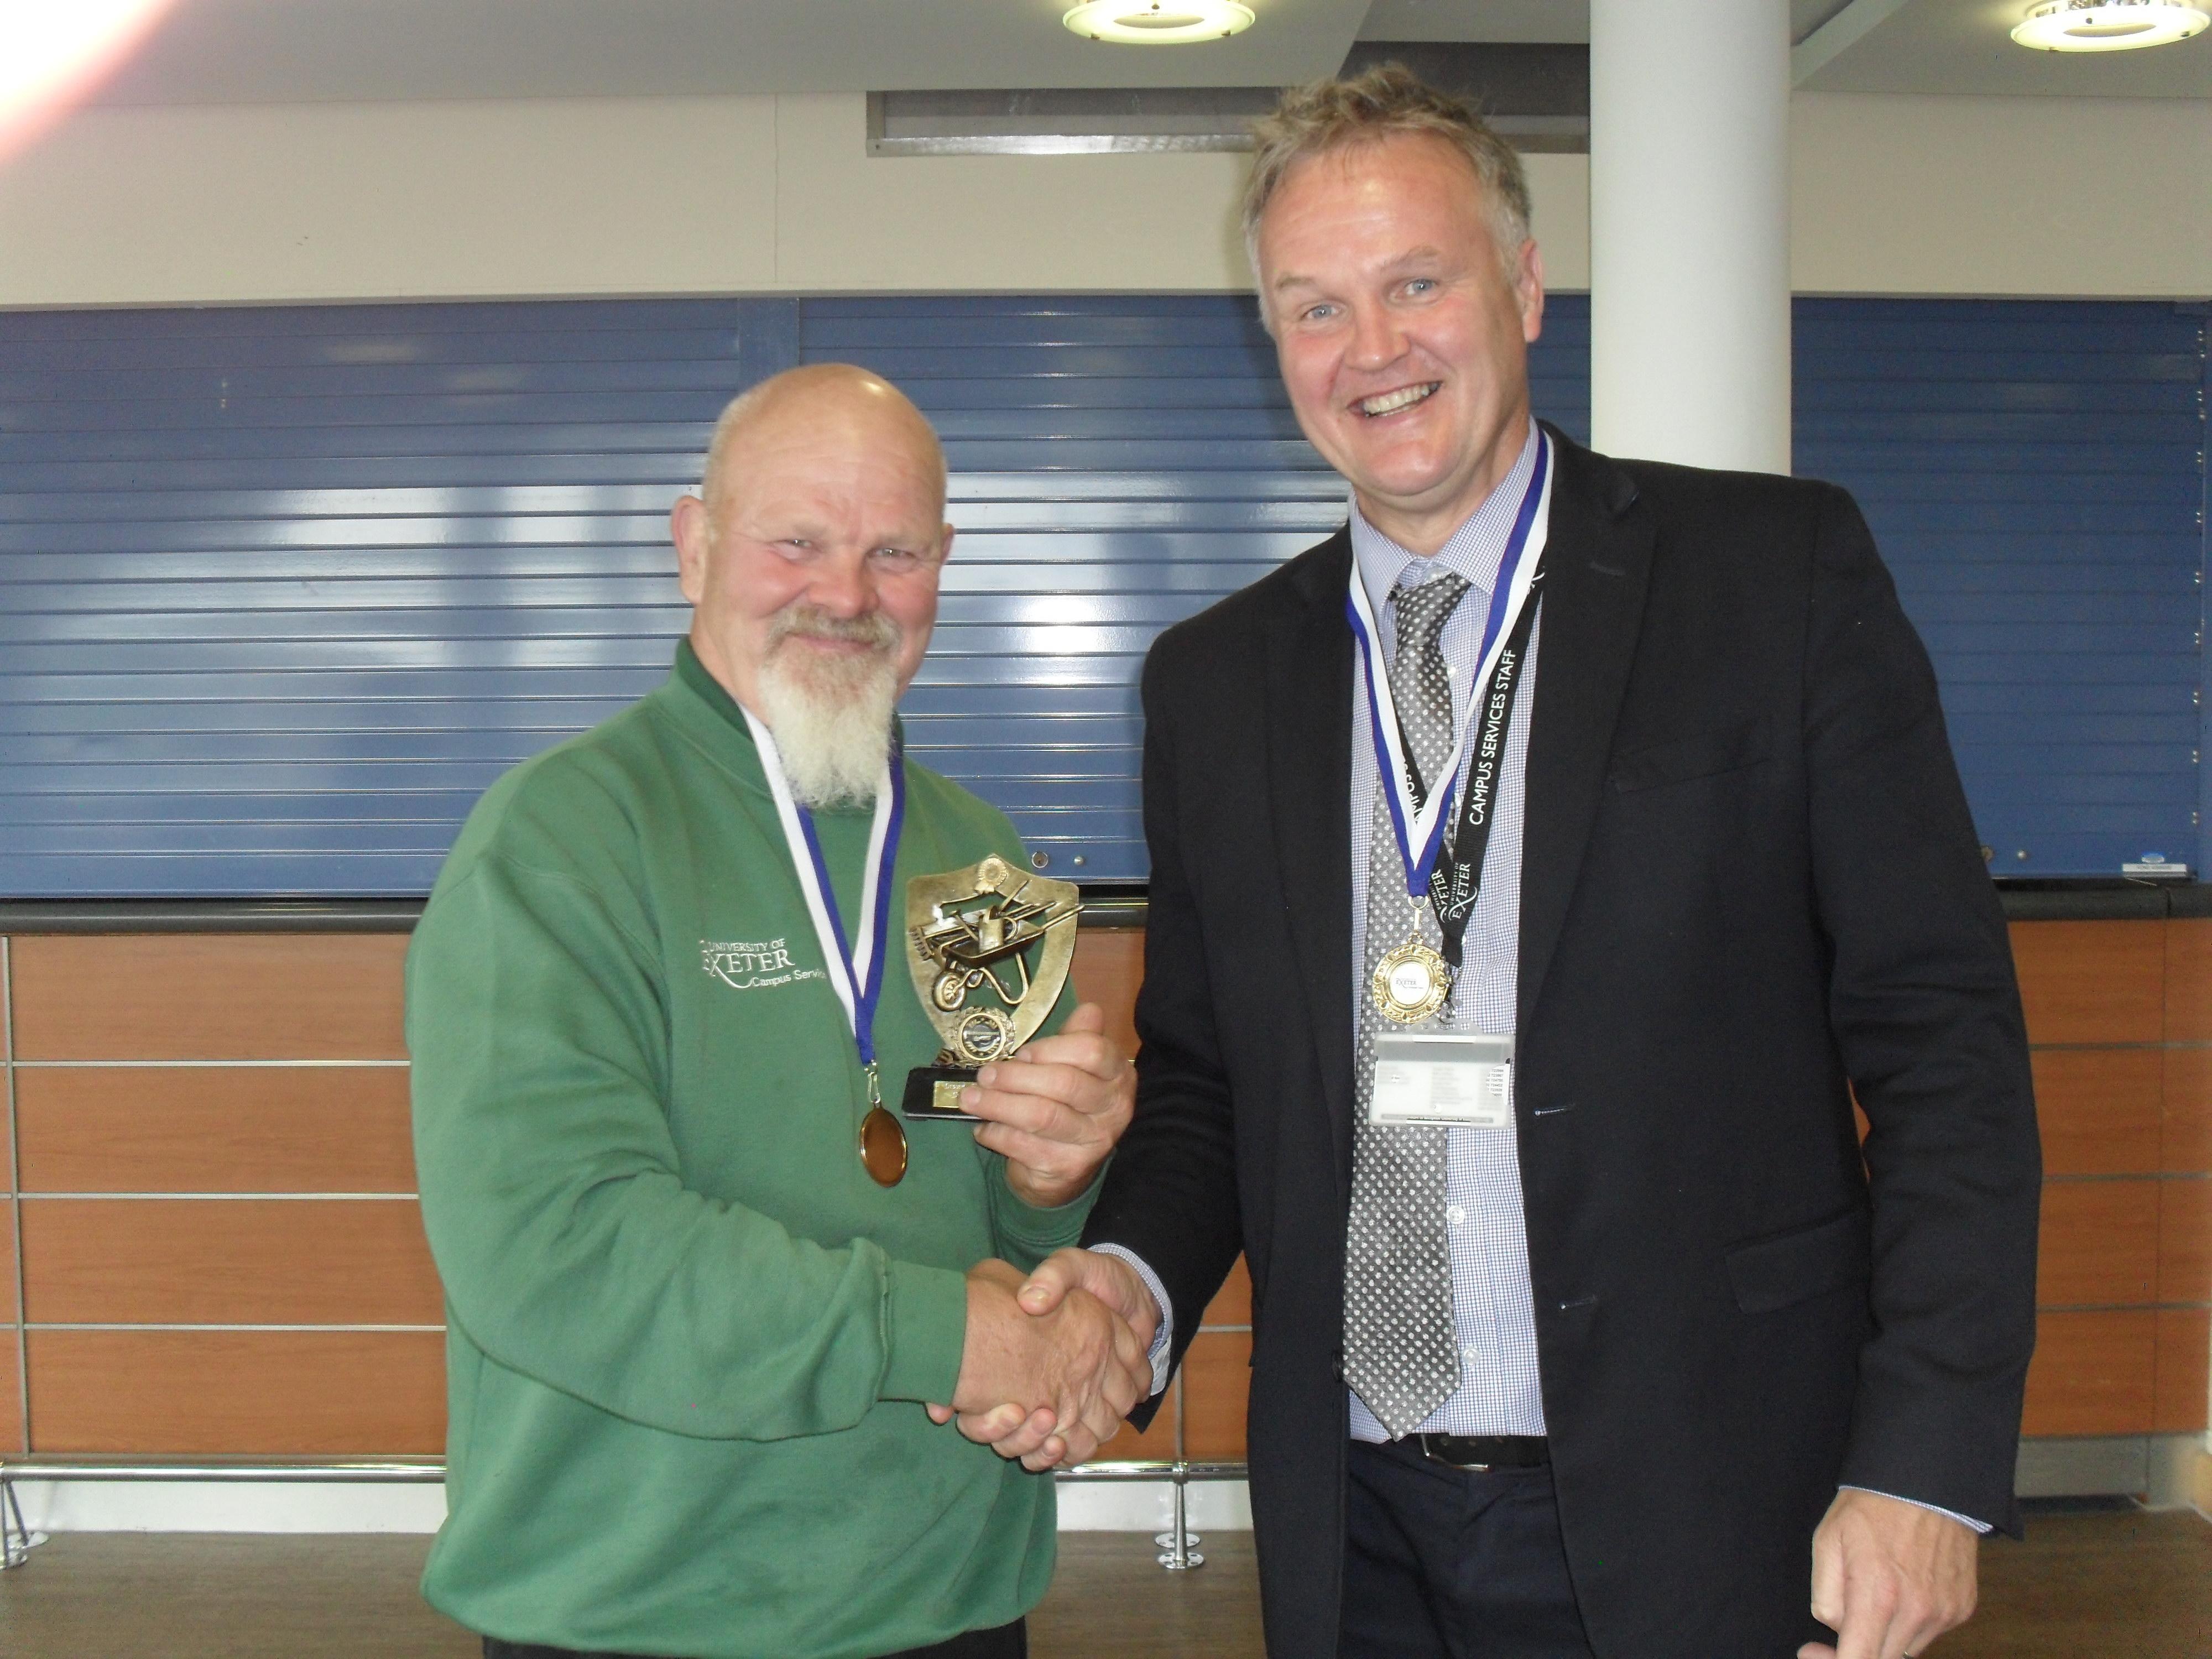 Paul Award